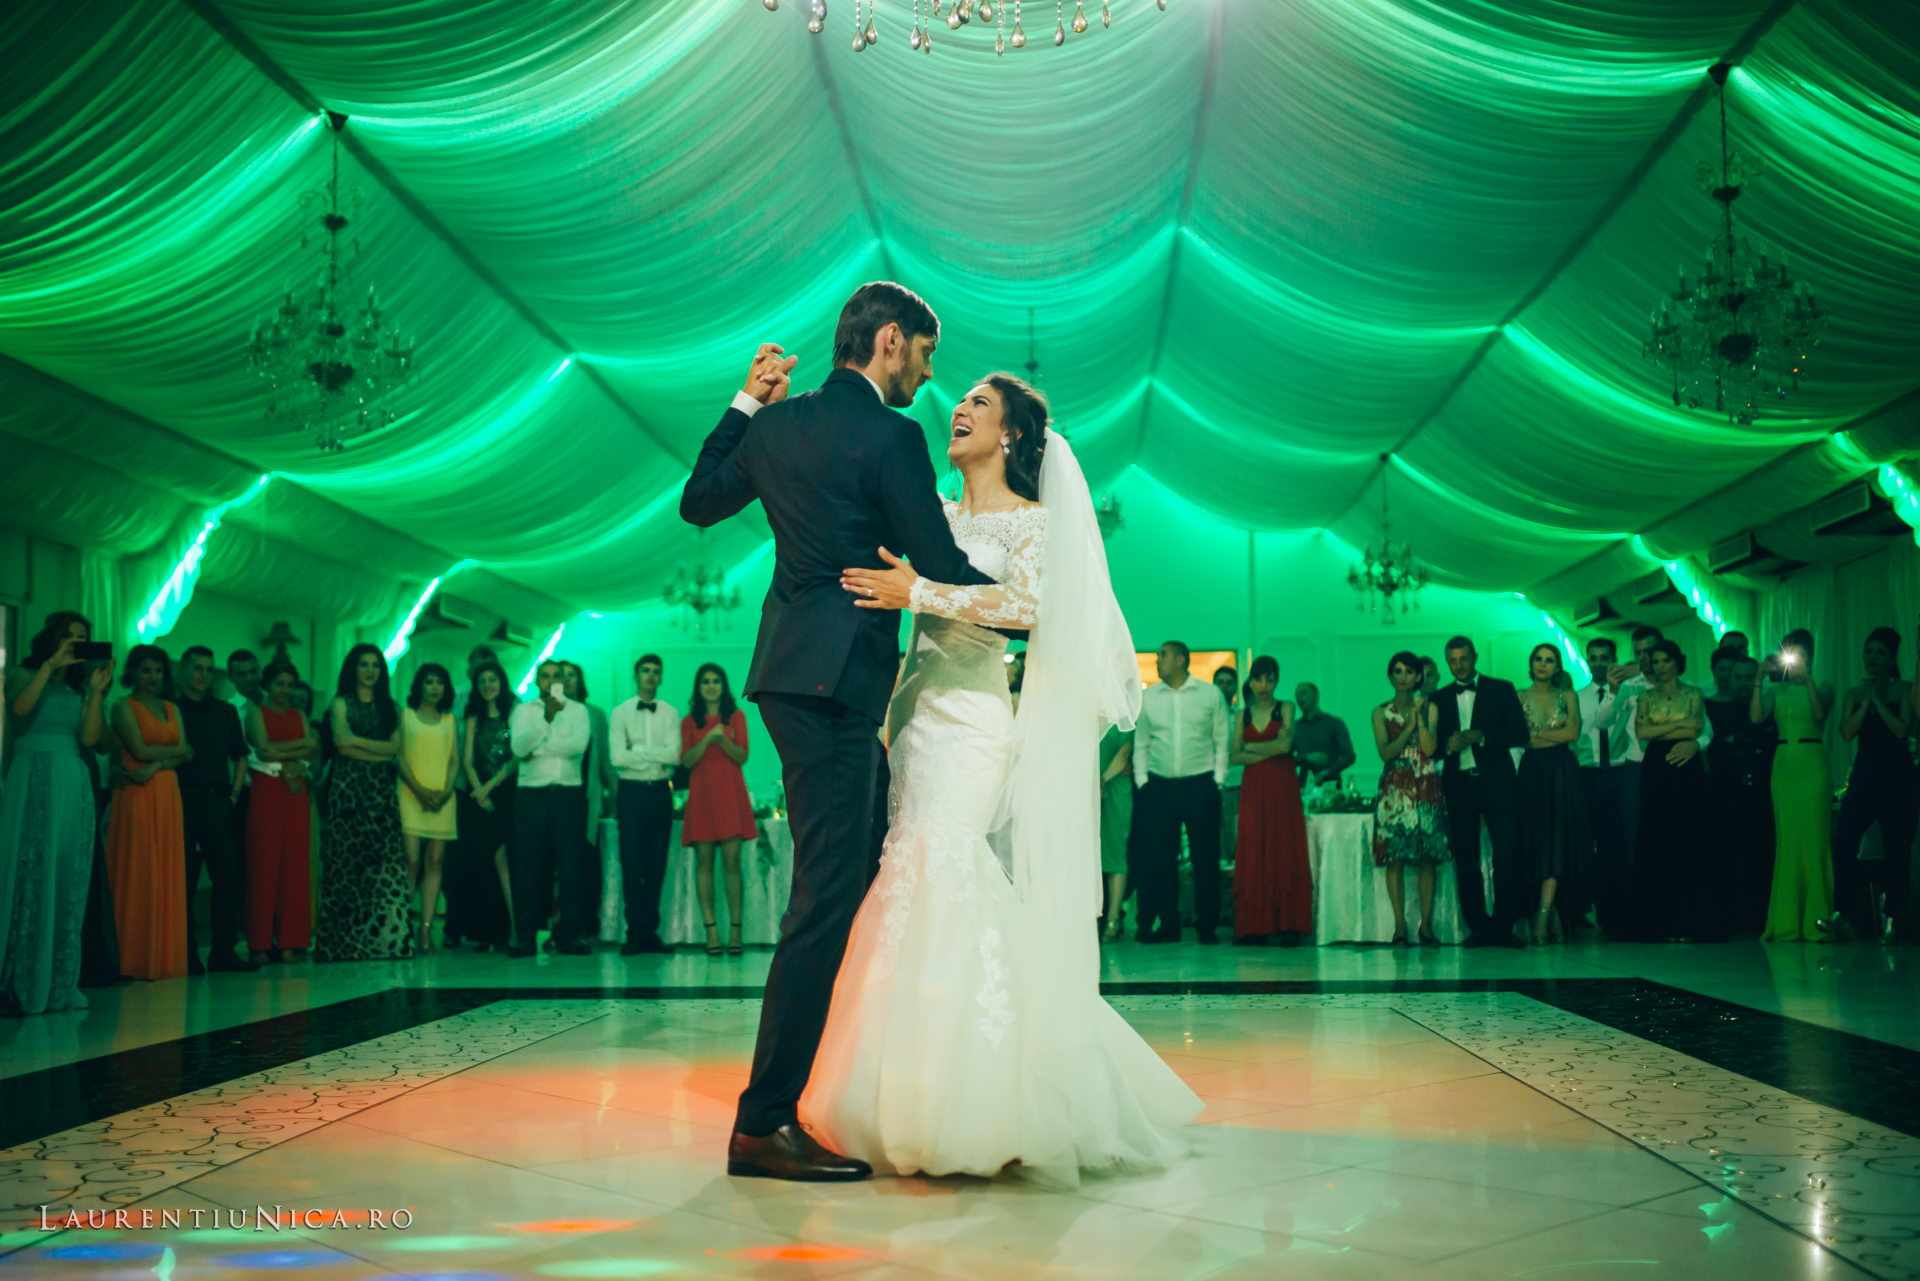 Cristina si Ovidiu nunta Craiova fotograf laurentiu nica 124 - Cristina & Ovidiu | Fotografii nunta | Craiova